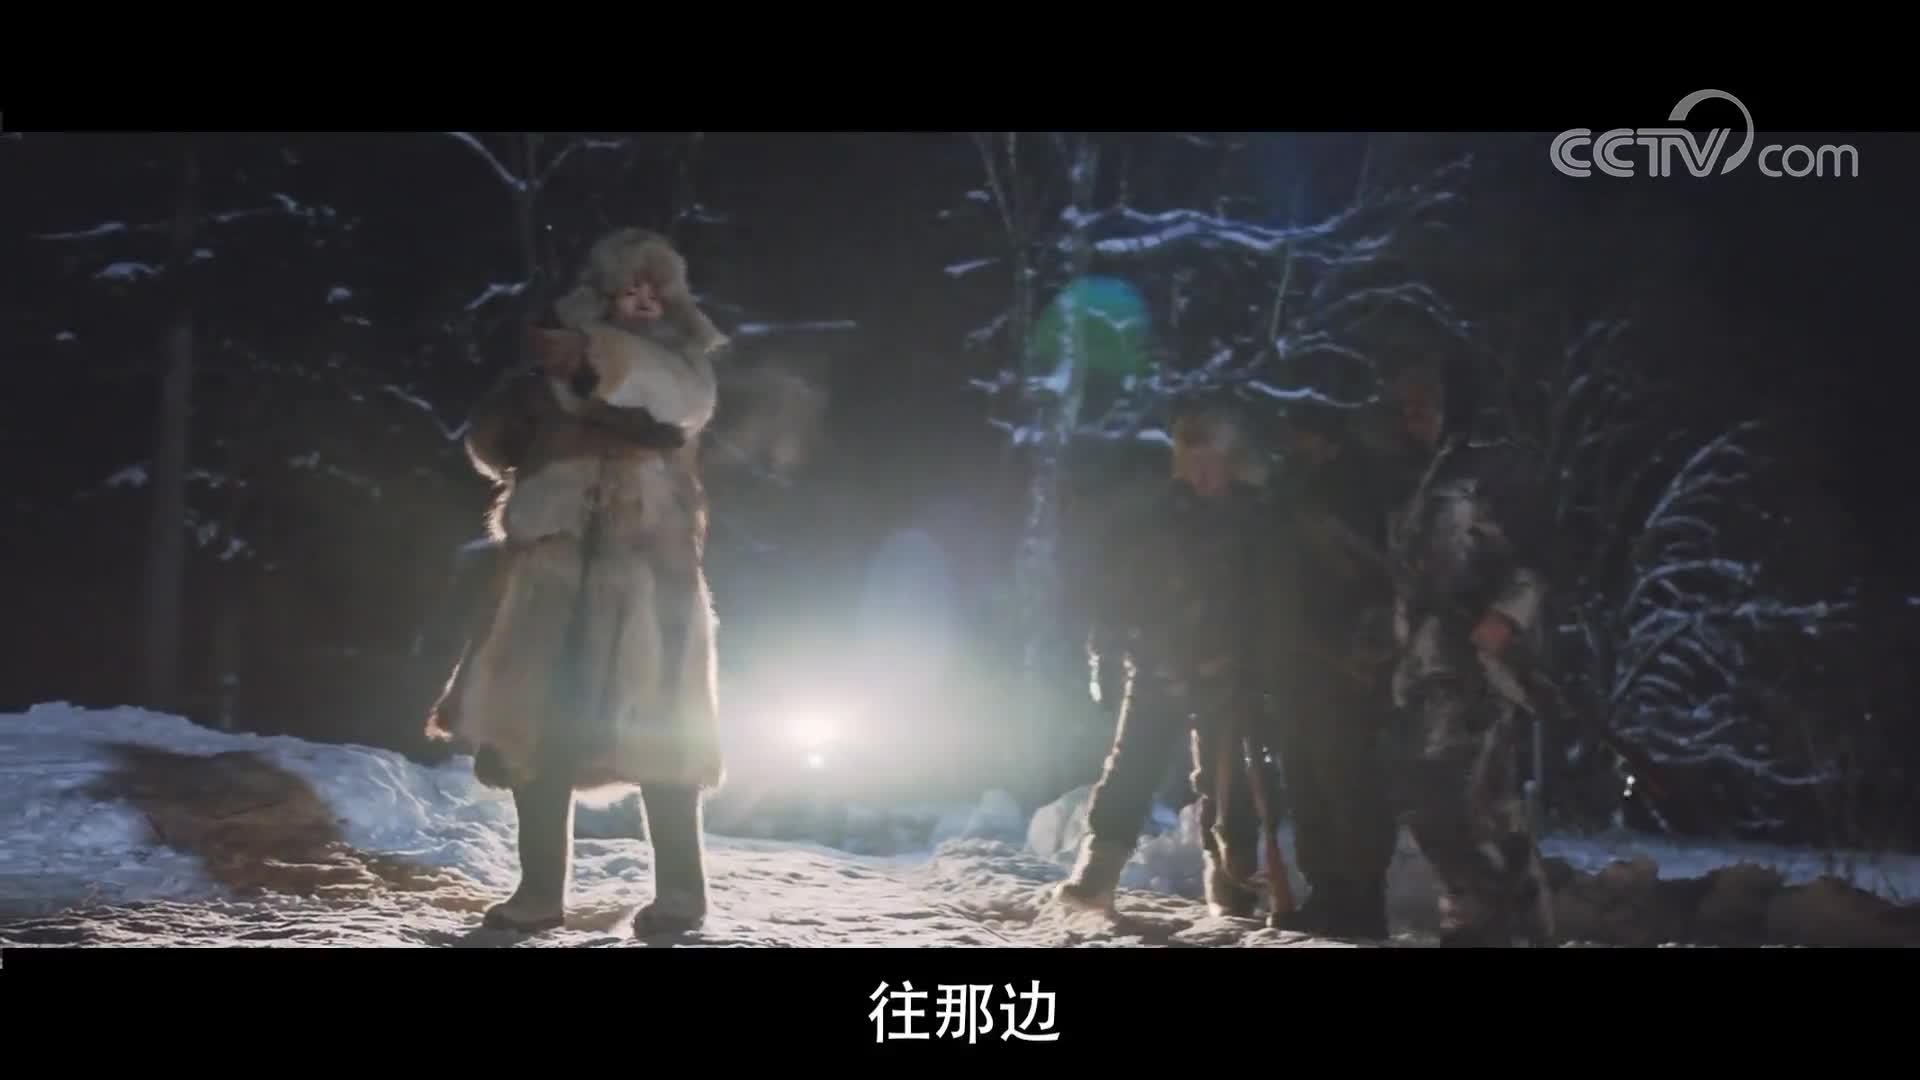 [视频]《战斗民族养成记》定档 上海女婿跪见俄罗斯岳父